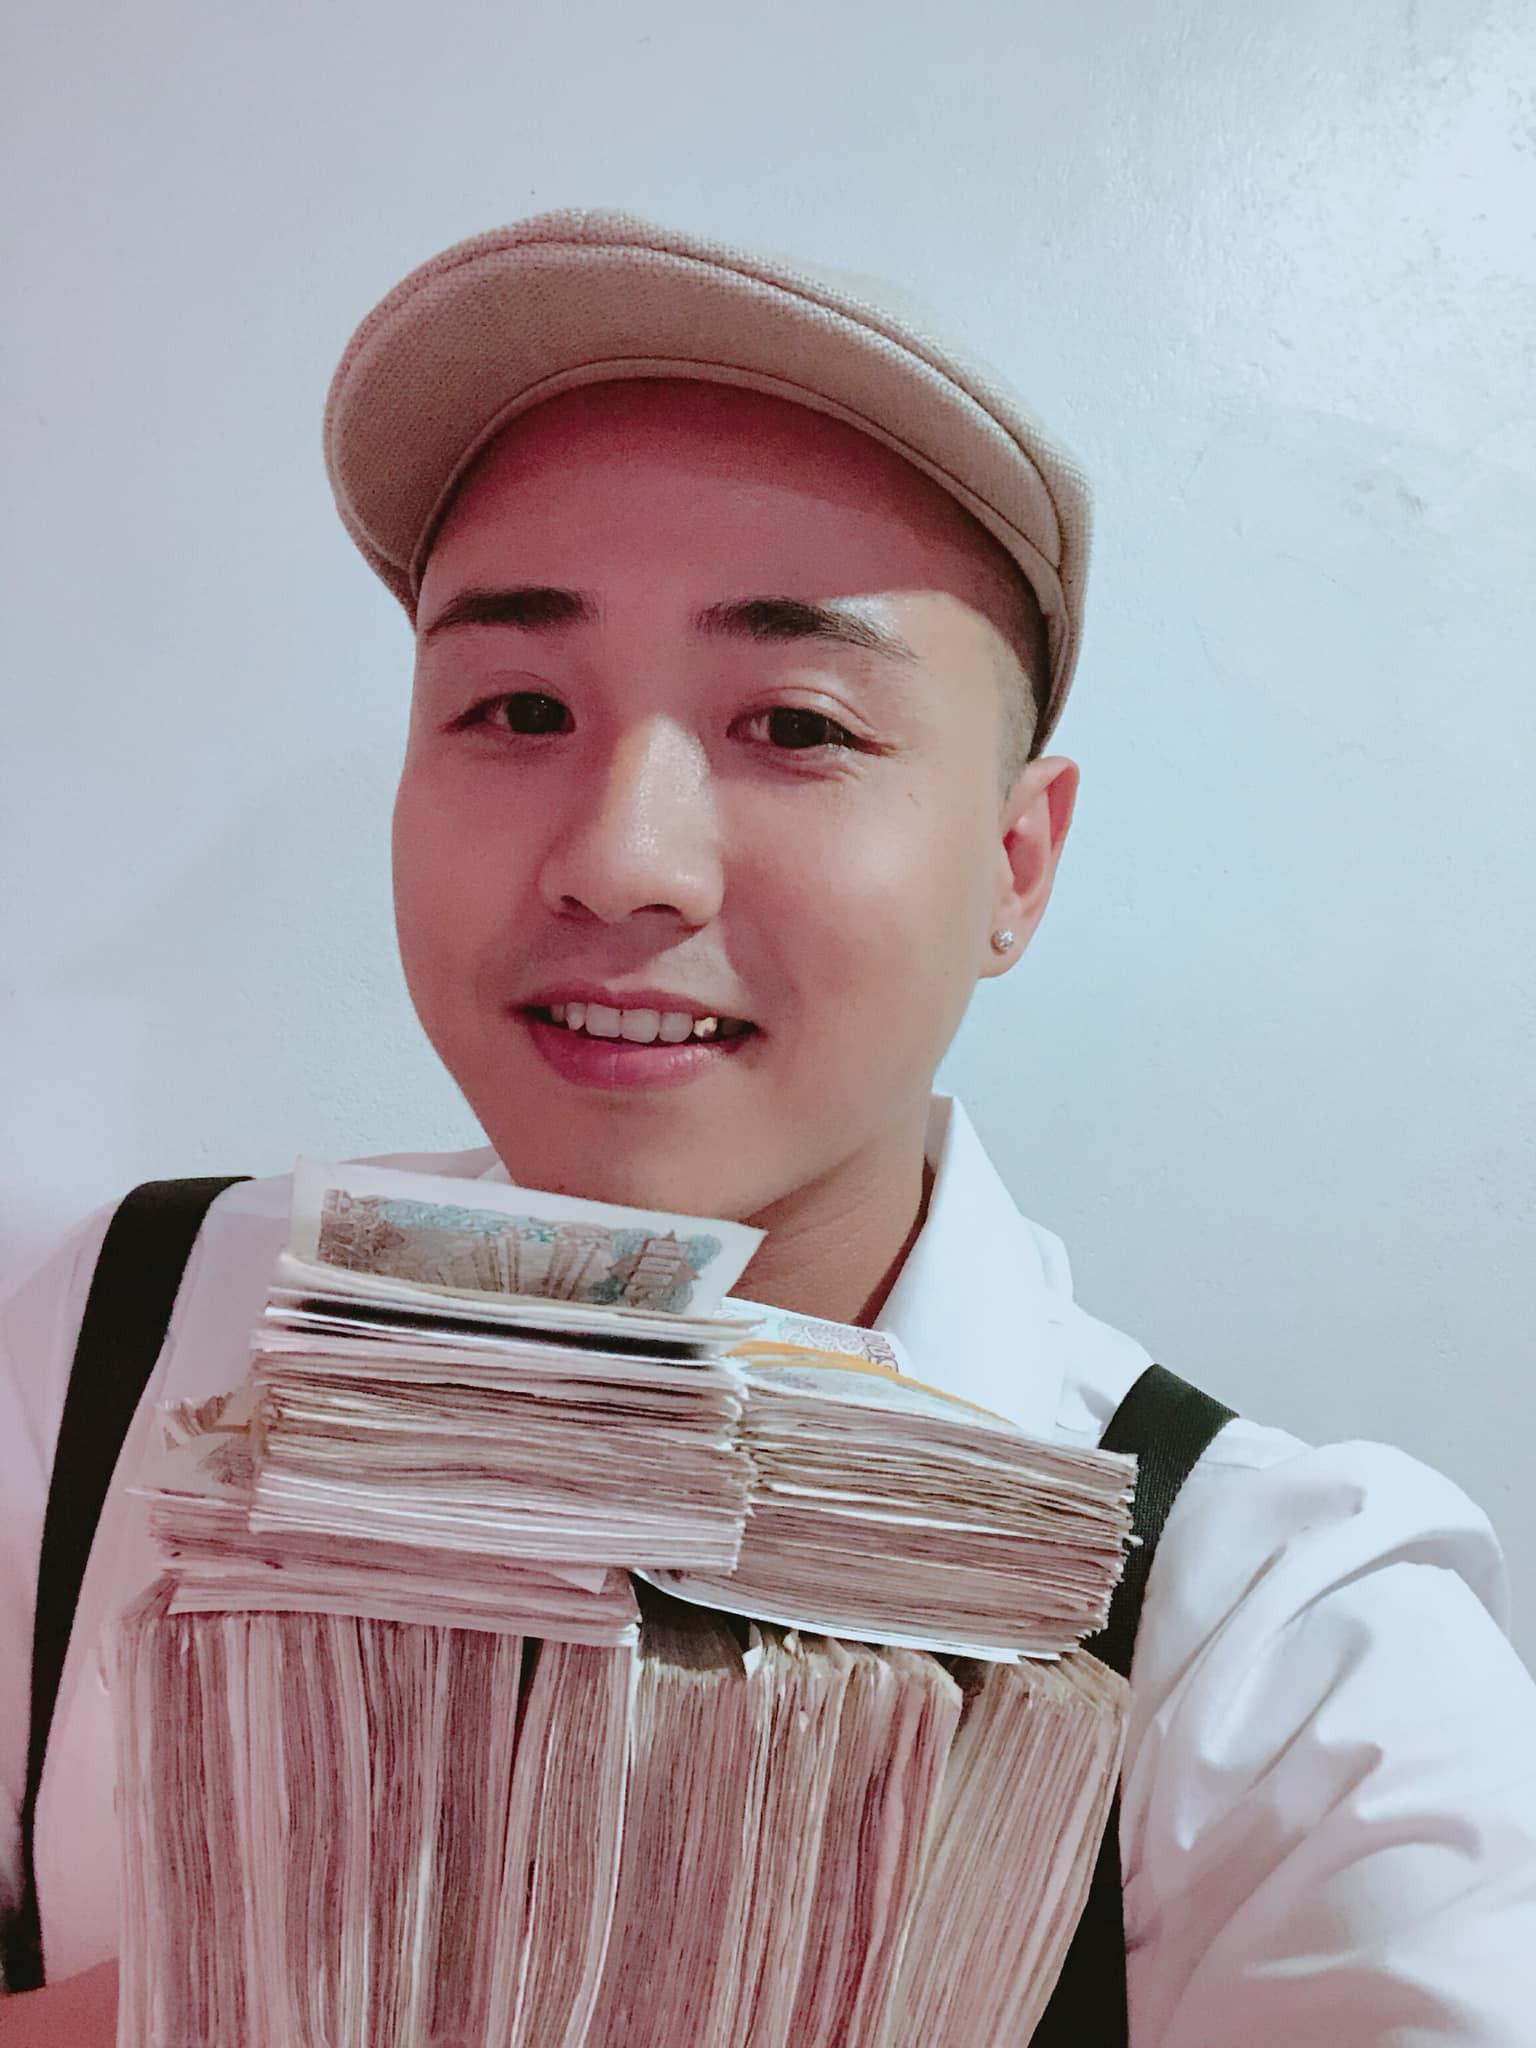 Hình ảnh nam thanh niên lầy lội mang 200 triệu toàn mệnh giá 2.000 đồng đi gửi ngân hàng khiến nhiều người xôn xao-4